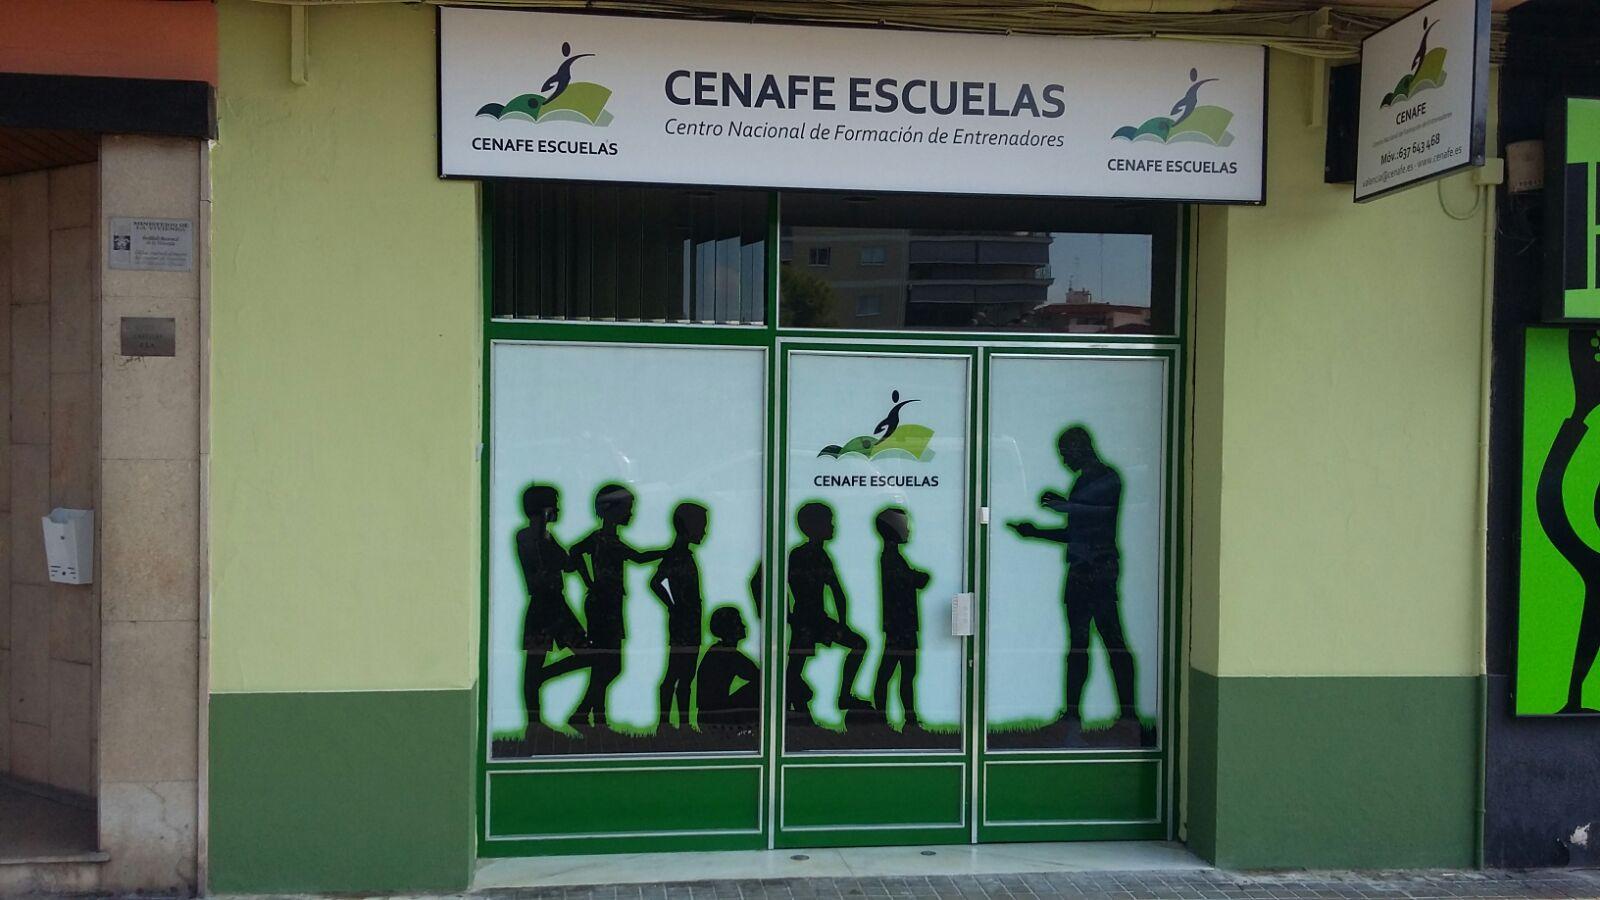 Nueva oficina fisica en valencia de cenafe escuelas for Oficina de extranjeros valencia